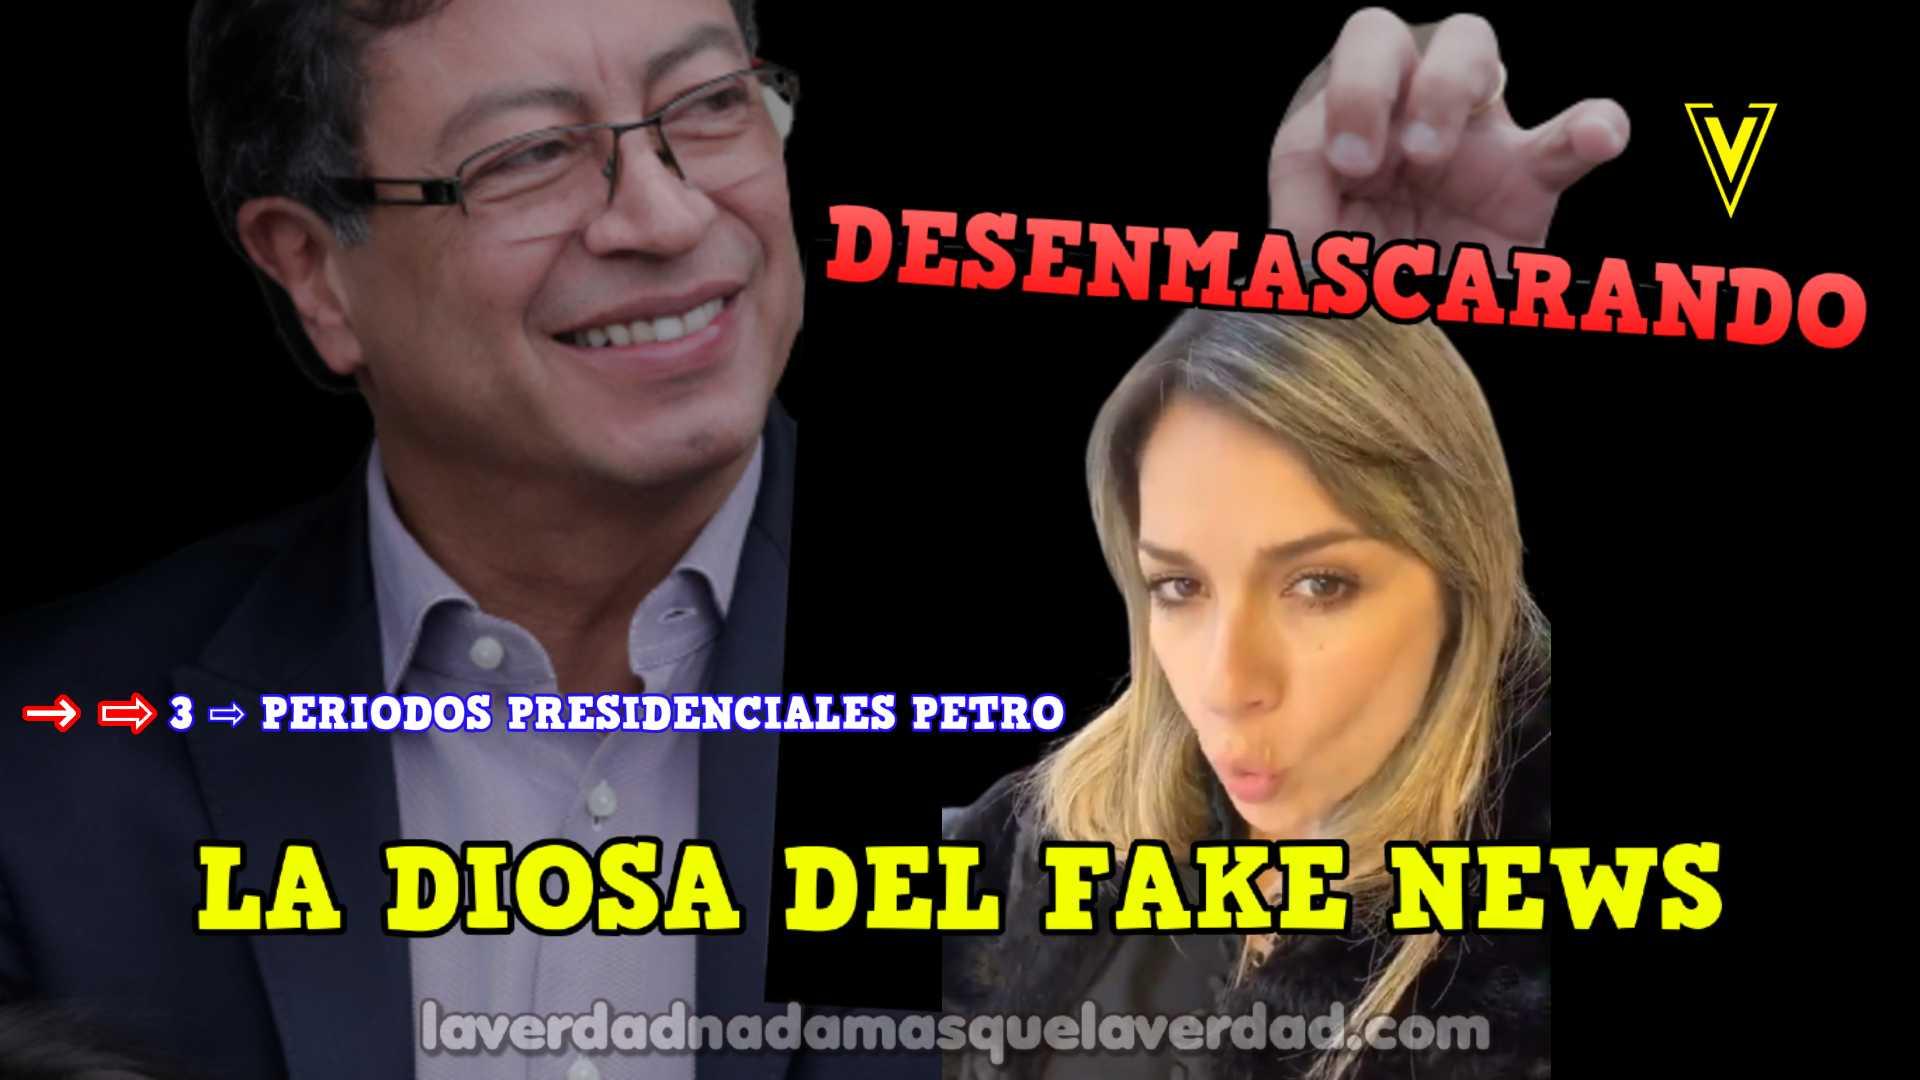 ⭐️ → DESENMASCARANDO LA DIOSA DEL FAKE NEWS VICKY DAVILA SOBRE LOS 3 PERIODOS PRESIDENCIALES PETRO